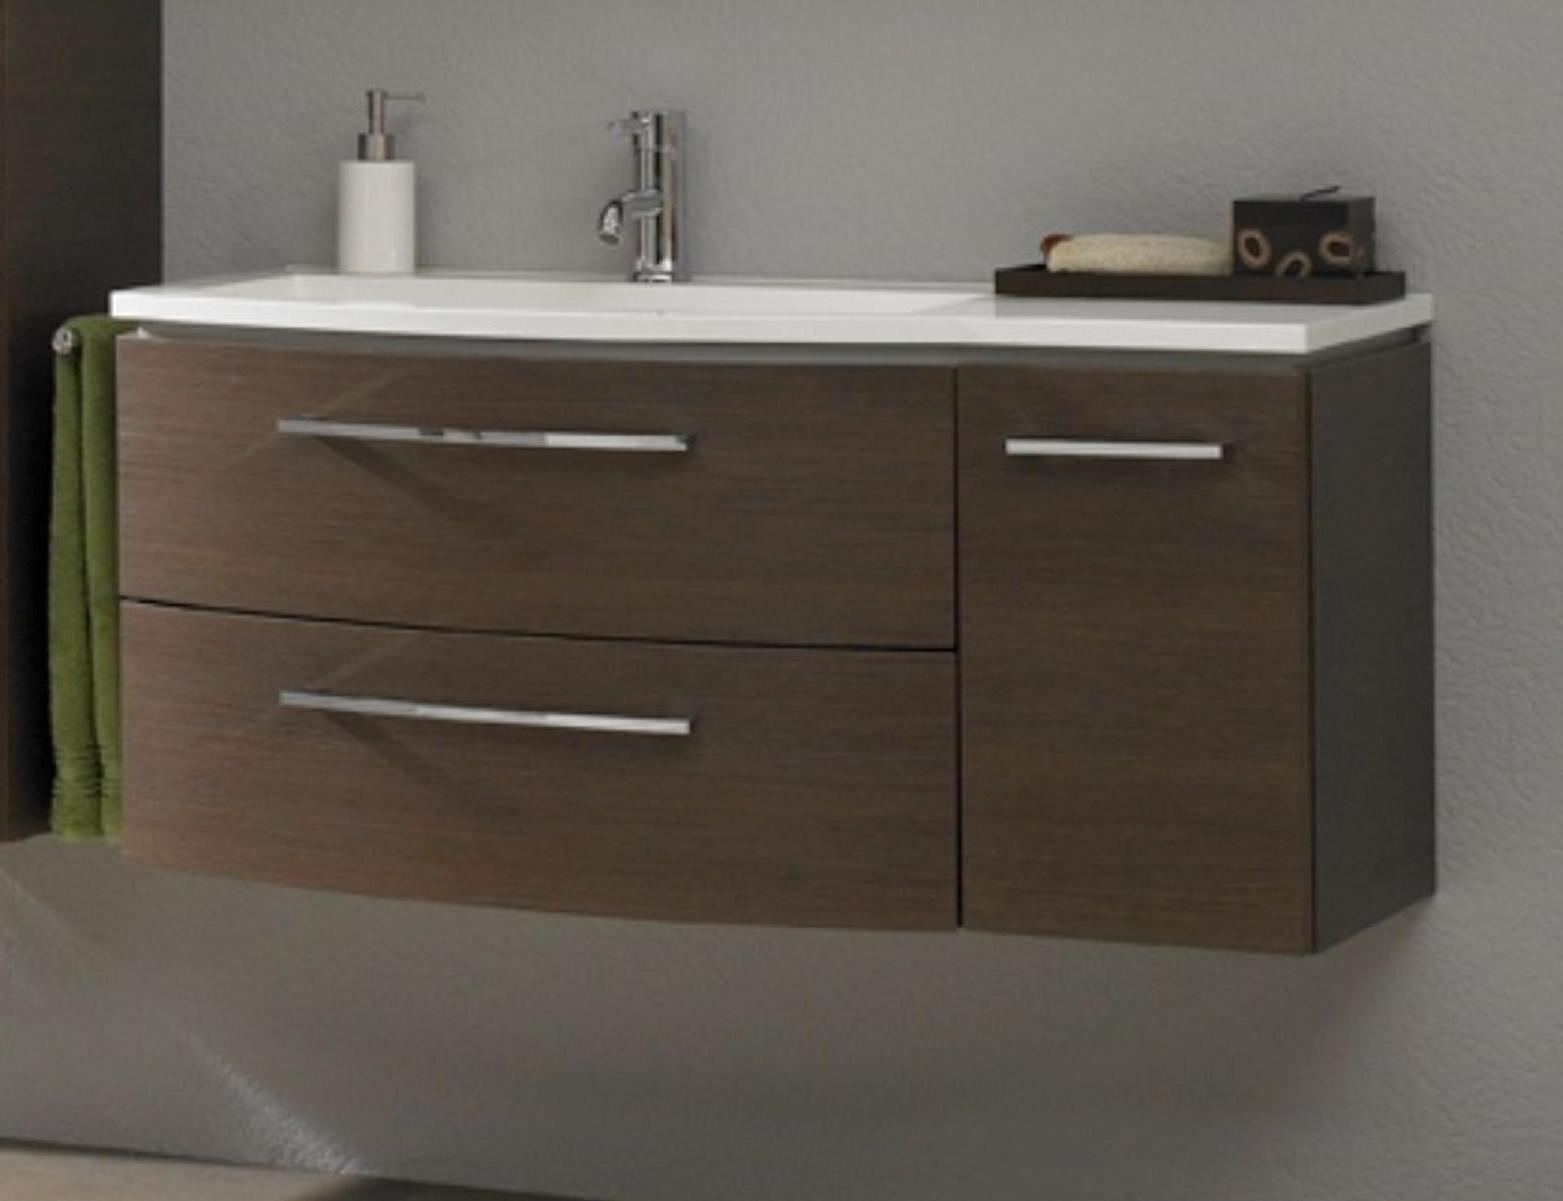 pelipal lunic waschtisch set links 110 cm breit 43 cm tief g nstig kaufen m bel universum. Black Bedroom Furniture Sets. Home Design Ideas